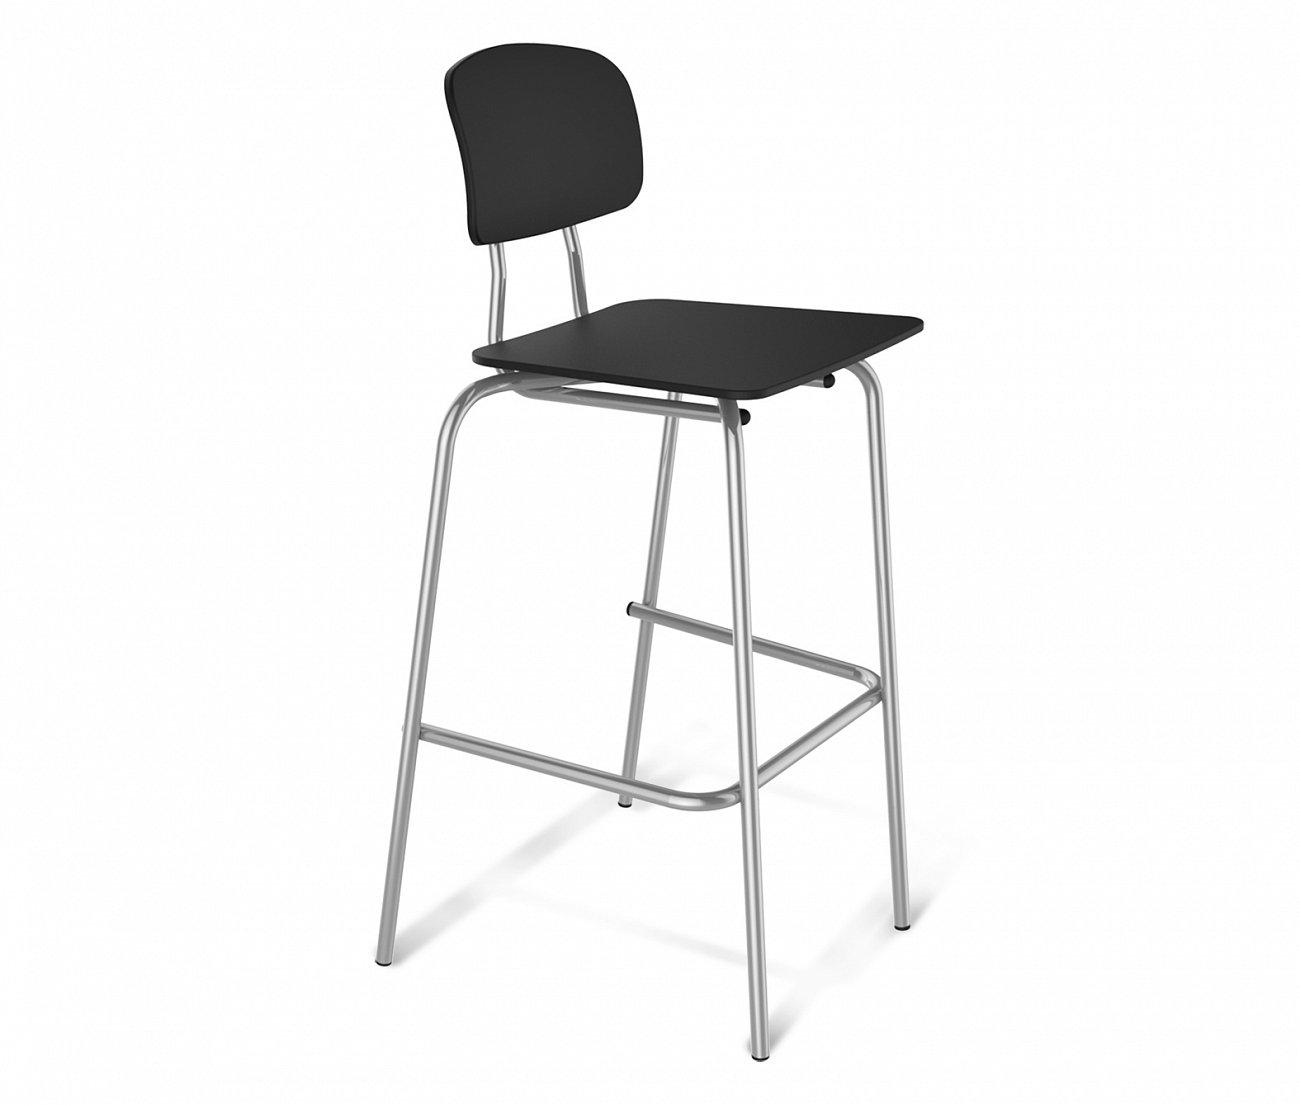 Купить Стул барный Чёрный хром в интернет магазине дизайнерской мебели и аксессуаров для дома и дачи